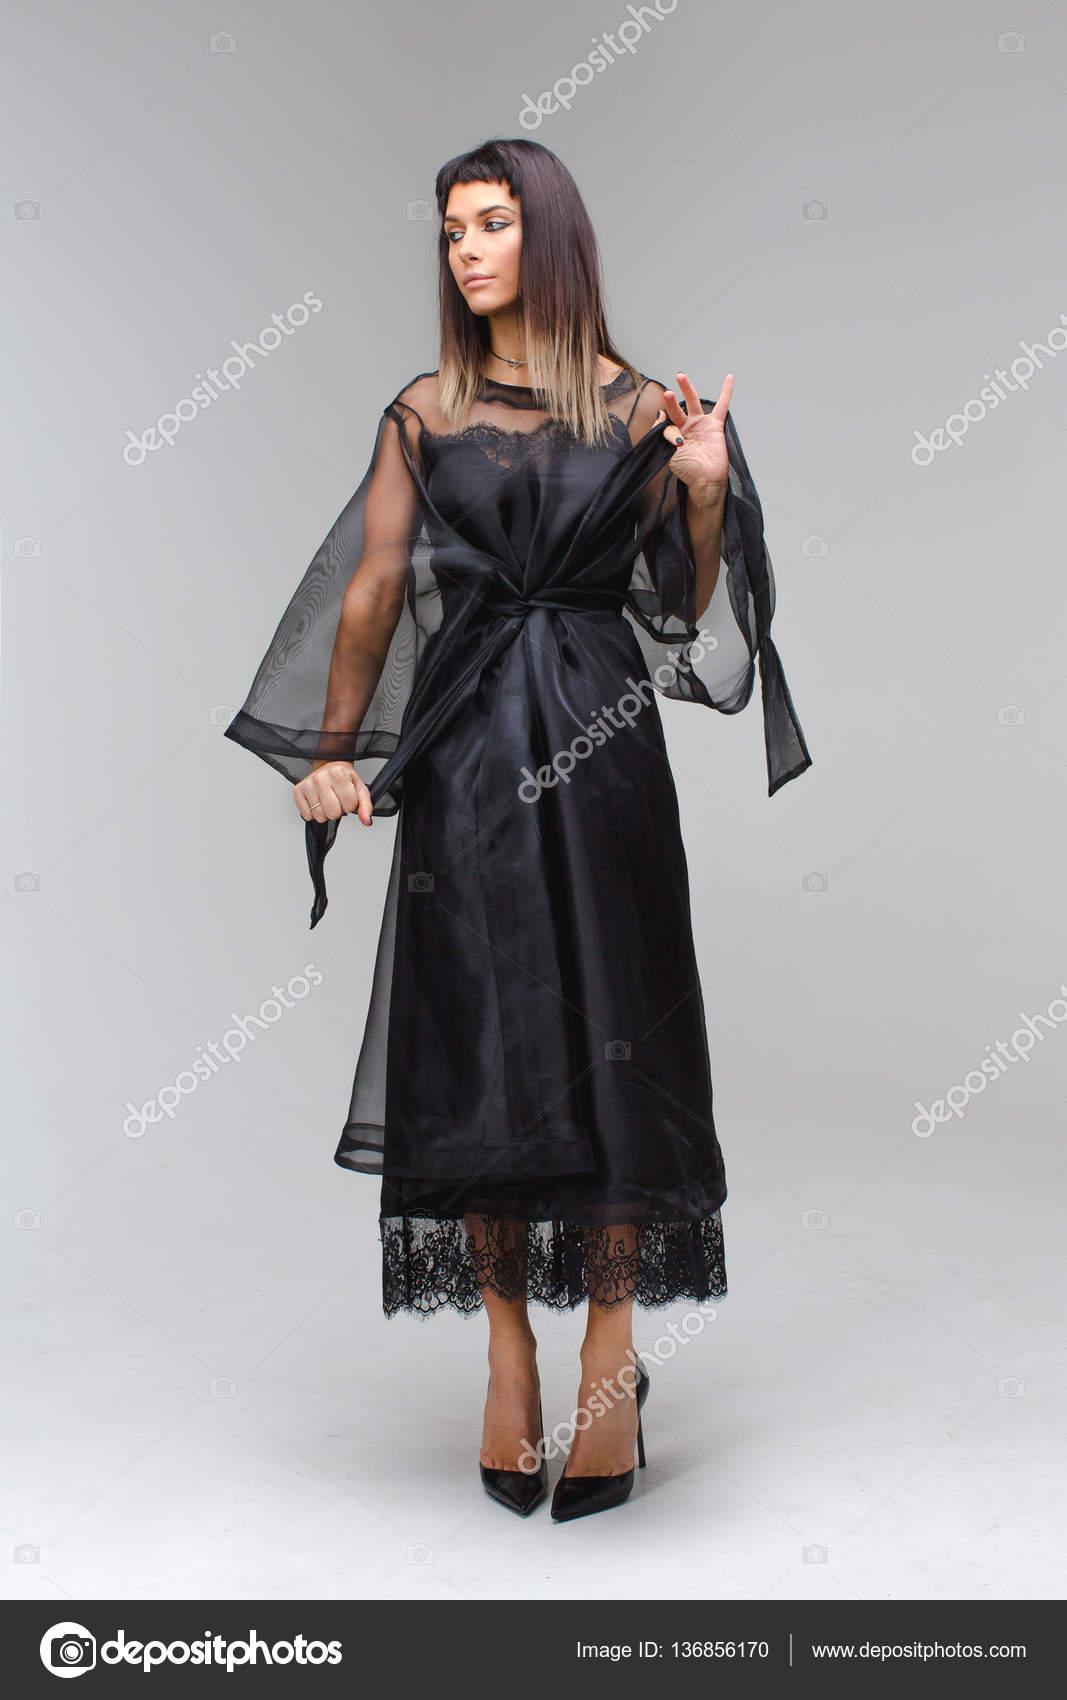 eb47dbea1 Modelo que ata a la cintura y tentador miró lejos al lado de un vestido  vintage negro largo. Mujer en ropa interior sexy vestido transparente y  zapatos ...